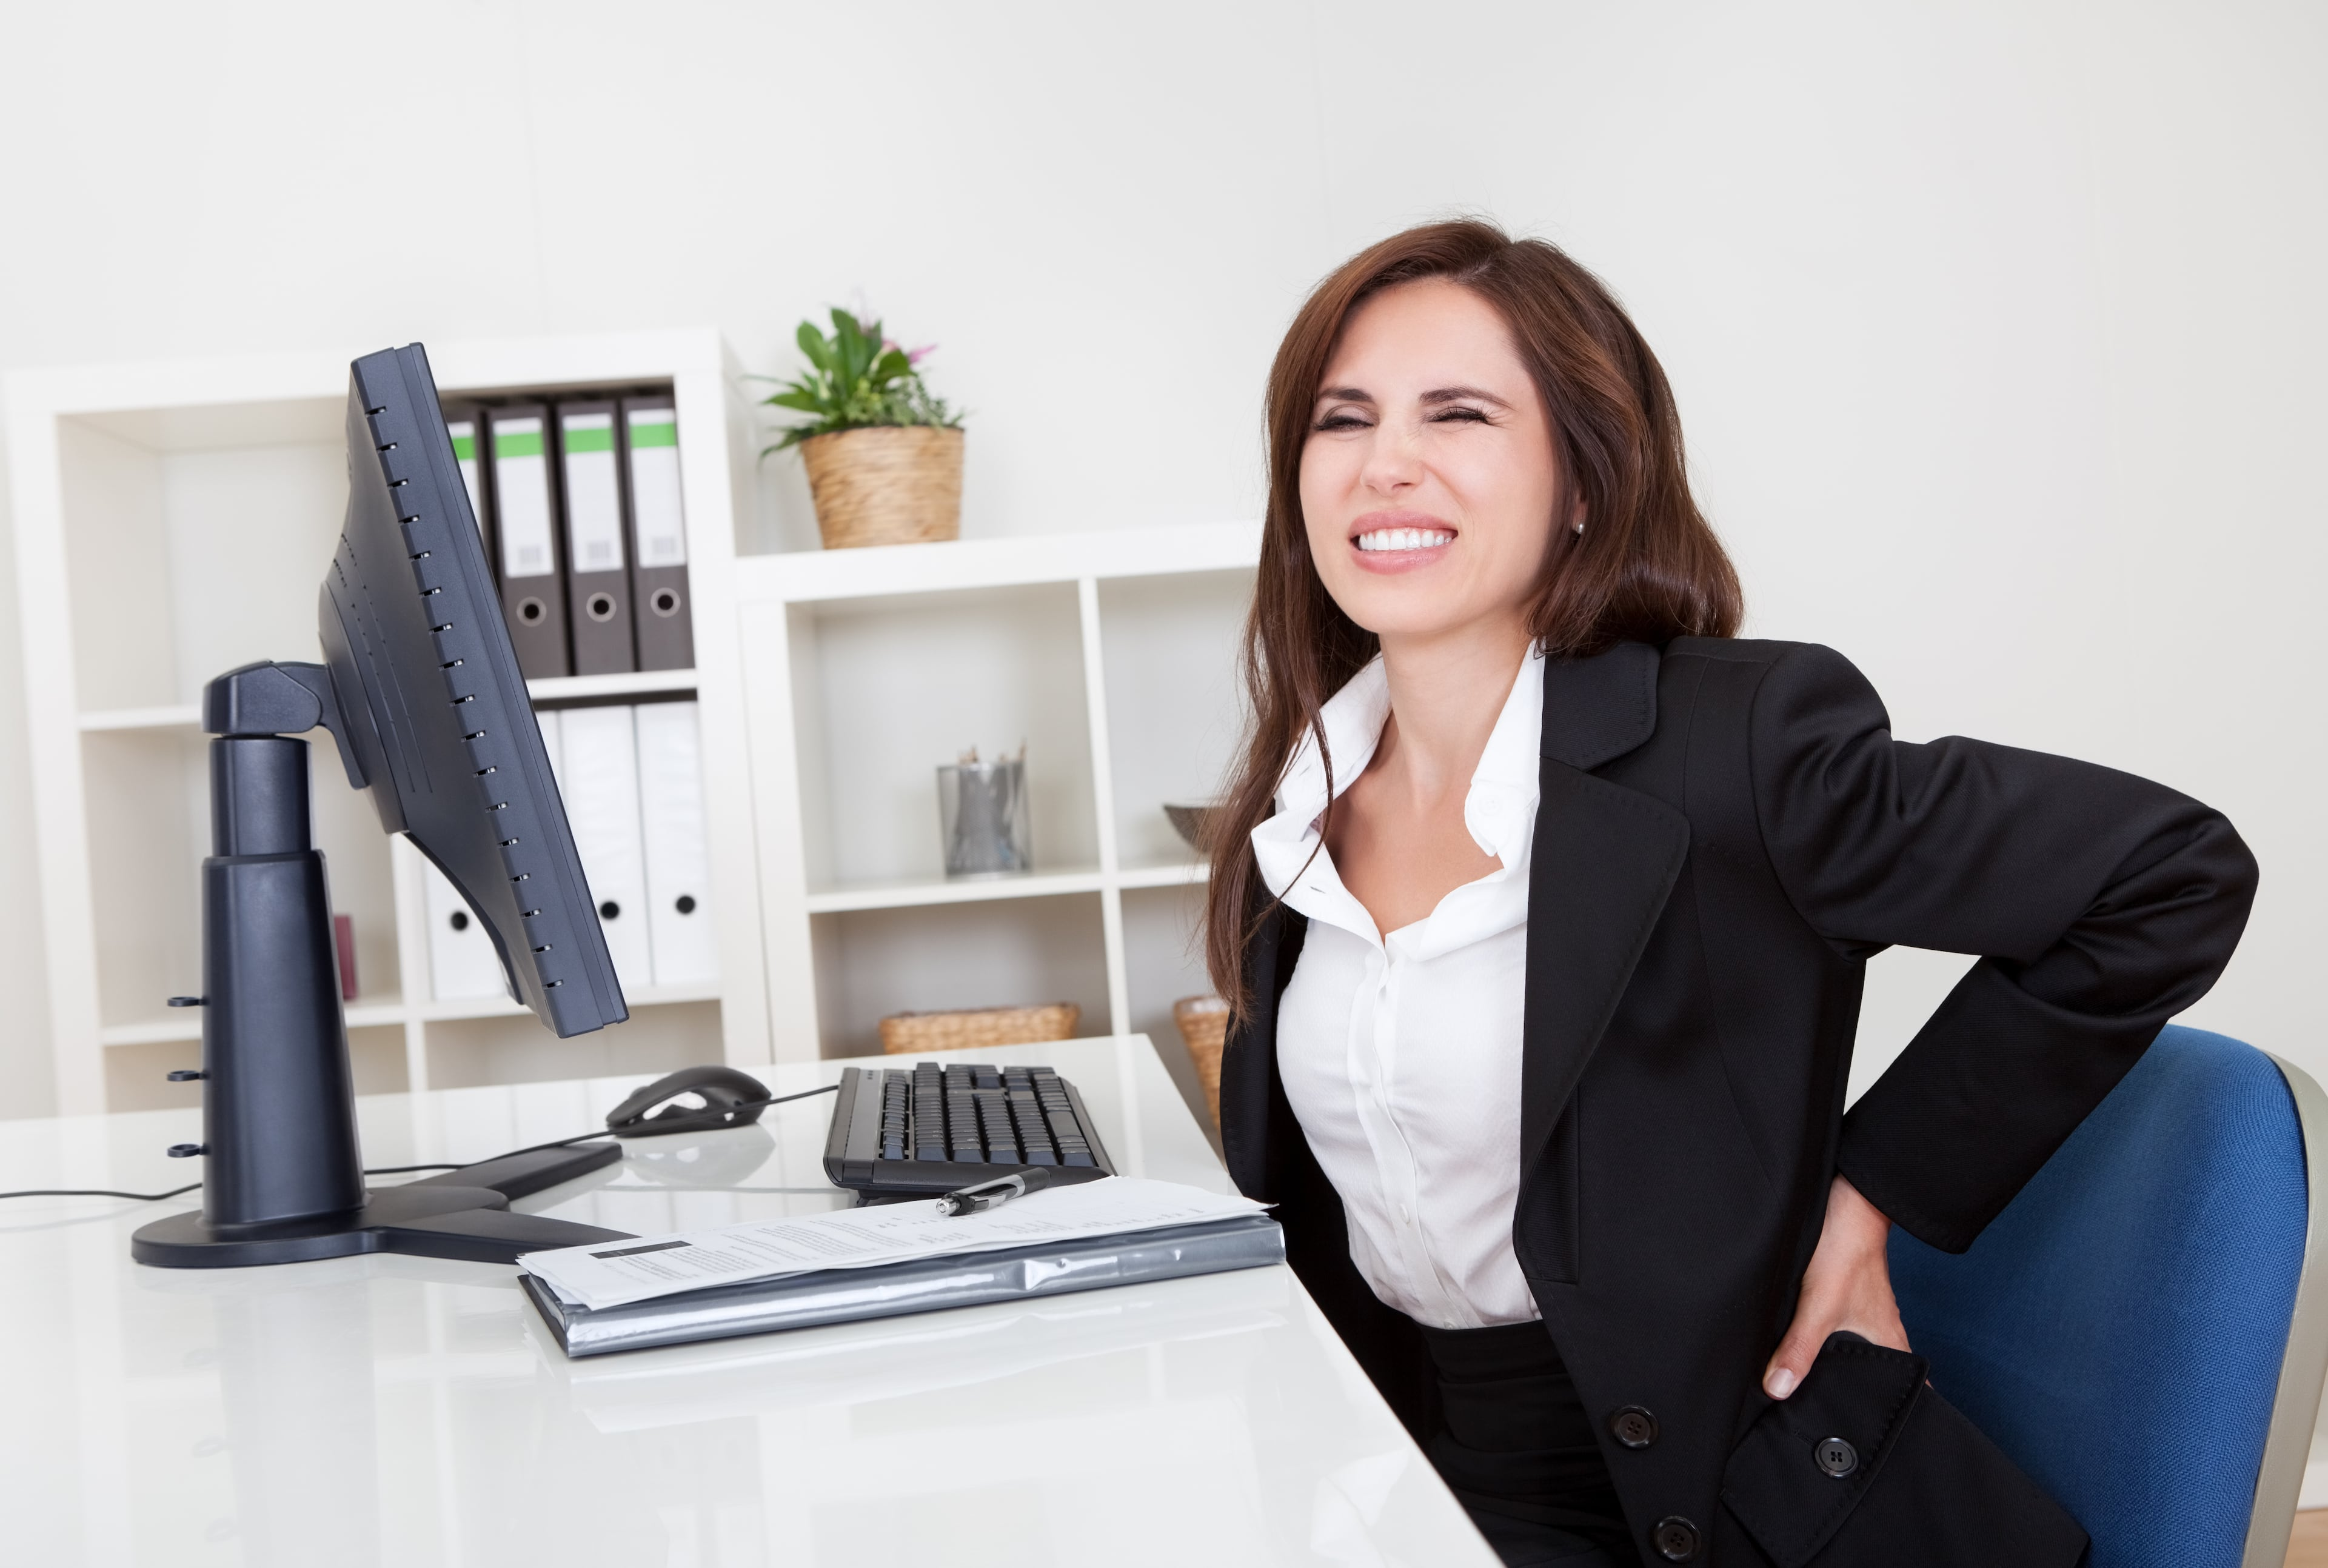 женщина в офисе держится за поясницу